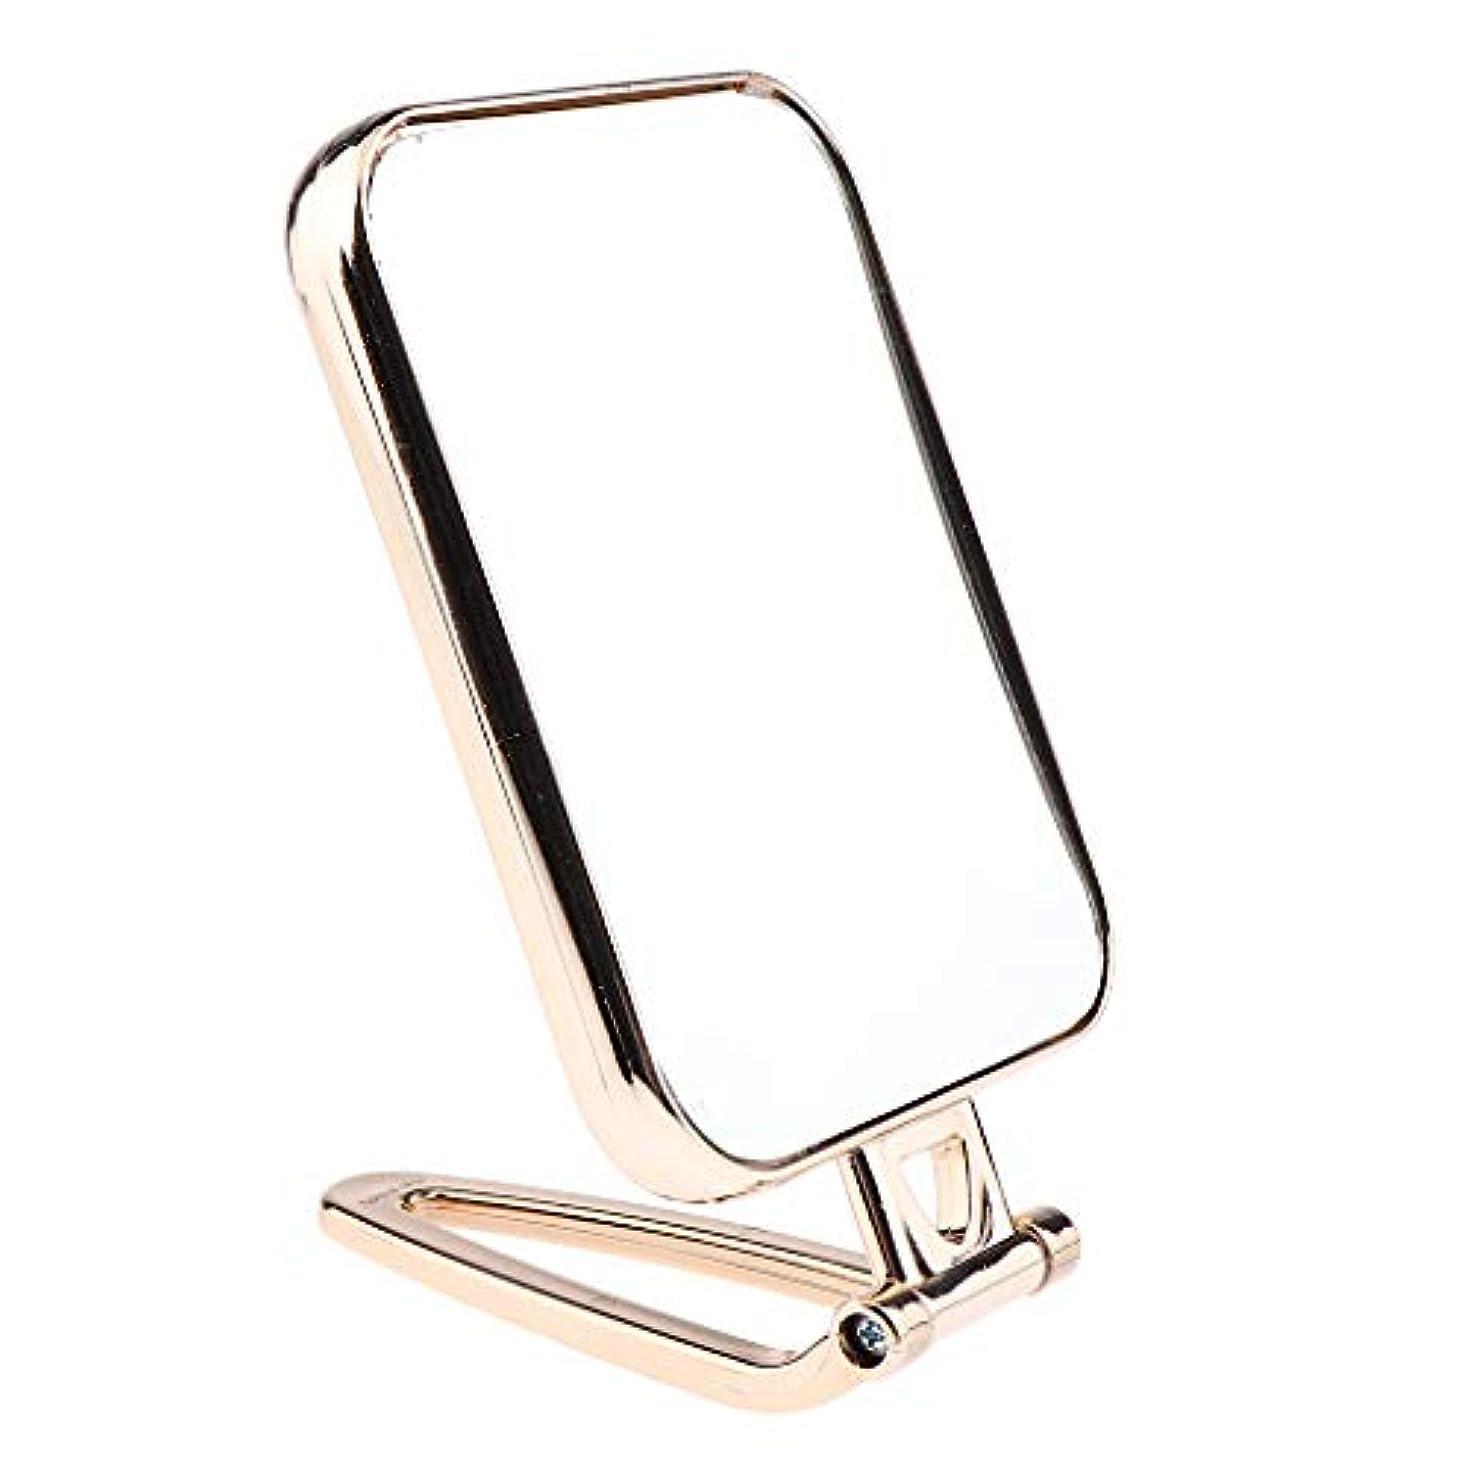 測定可能つまらない共産主義F Fityle メイクアップミラー 折りたたみ ポータブル 洗面台 卓上 旅行 コンパクトミラー 2タイプ選べ - ゴールド